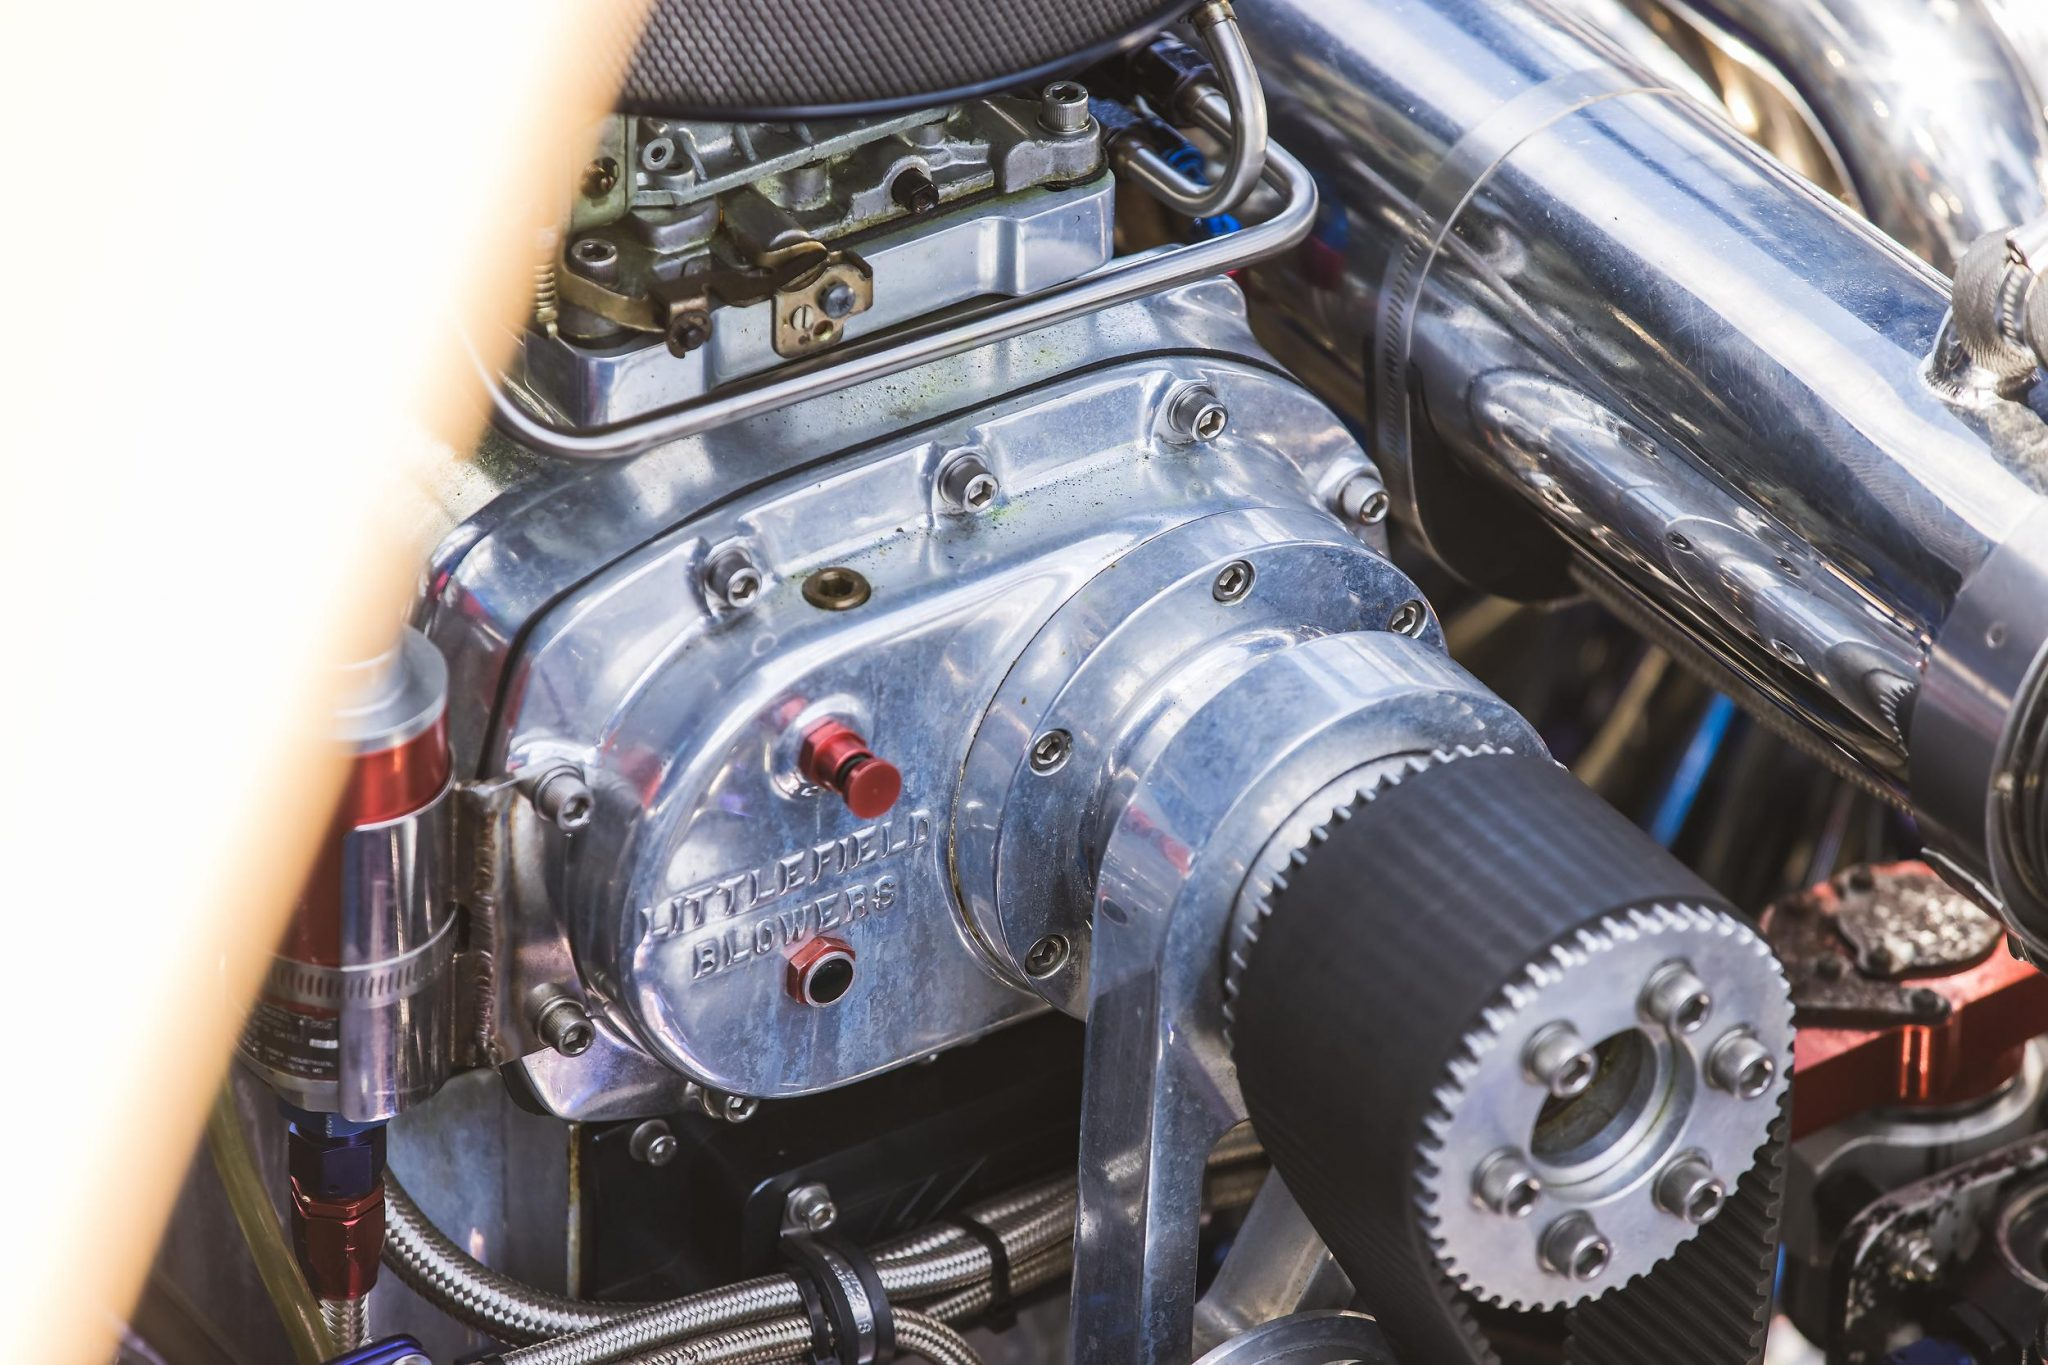 1984 Apache Offshore Powerboat Warpath engine detail